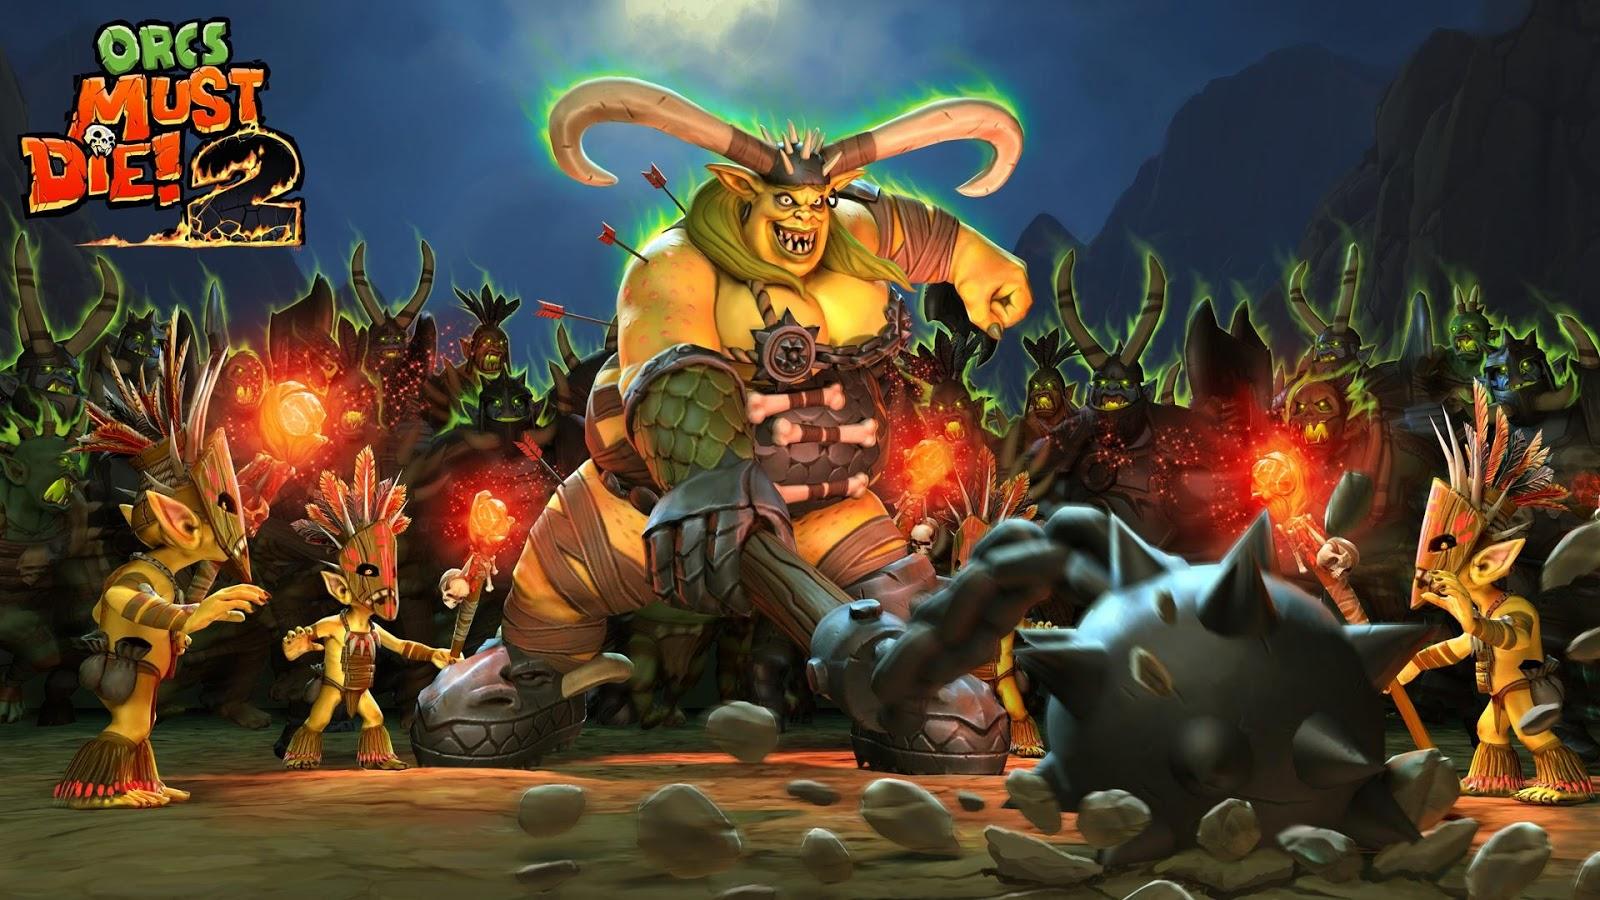 orcs must die 2 review